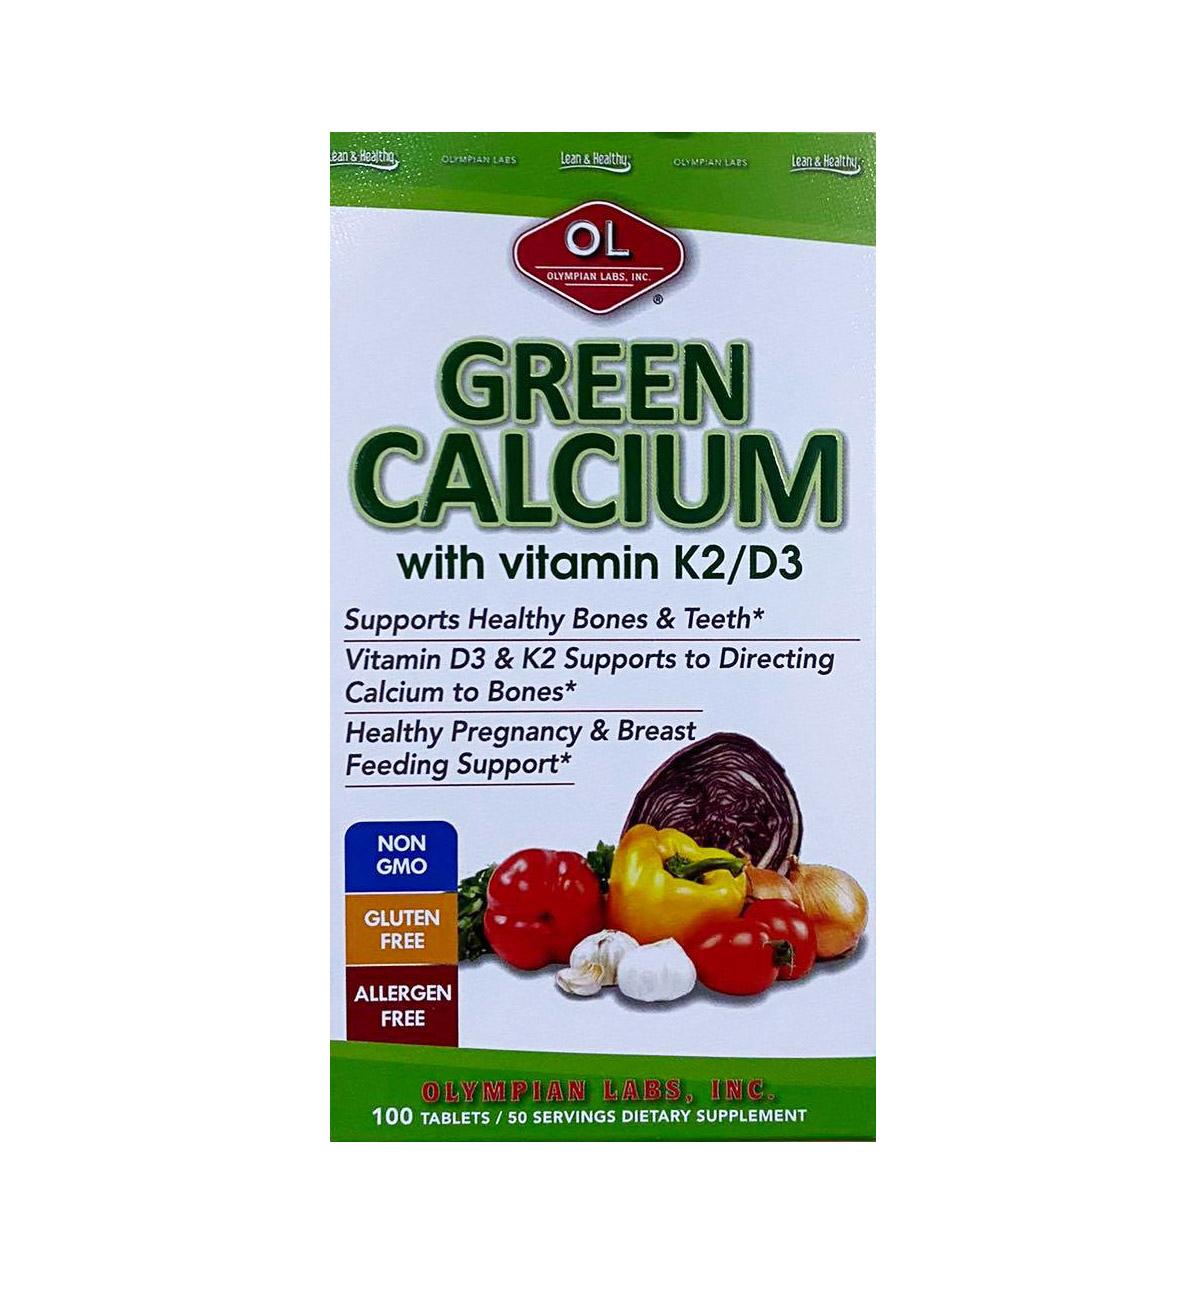 Viên uống bổ sung canxi hữu cơ Olympian Labs Green Calcium mẫu mới